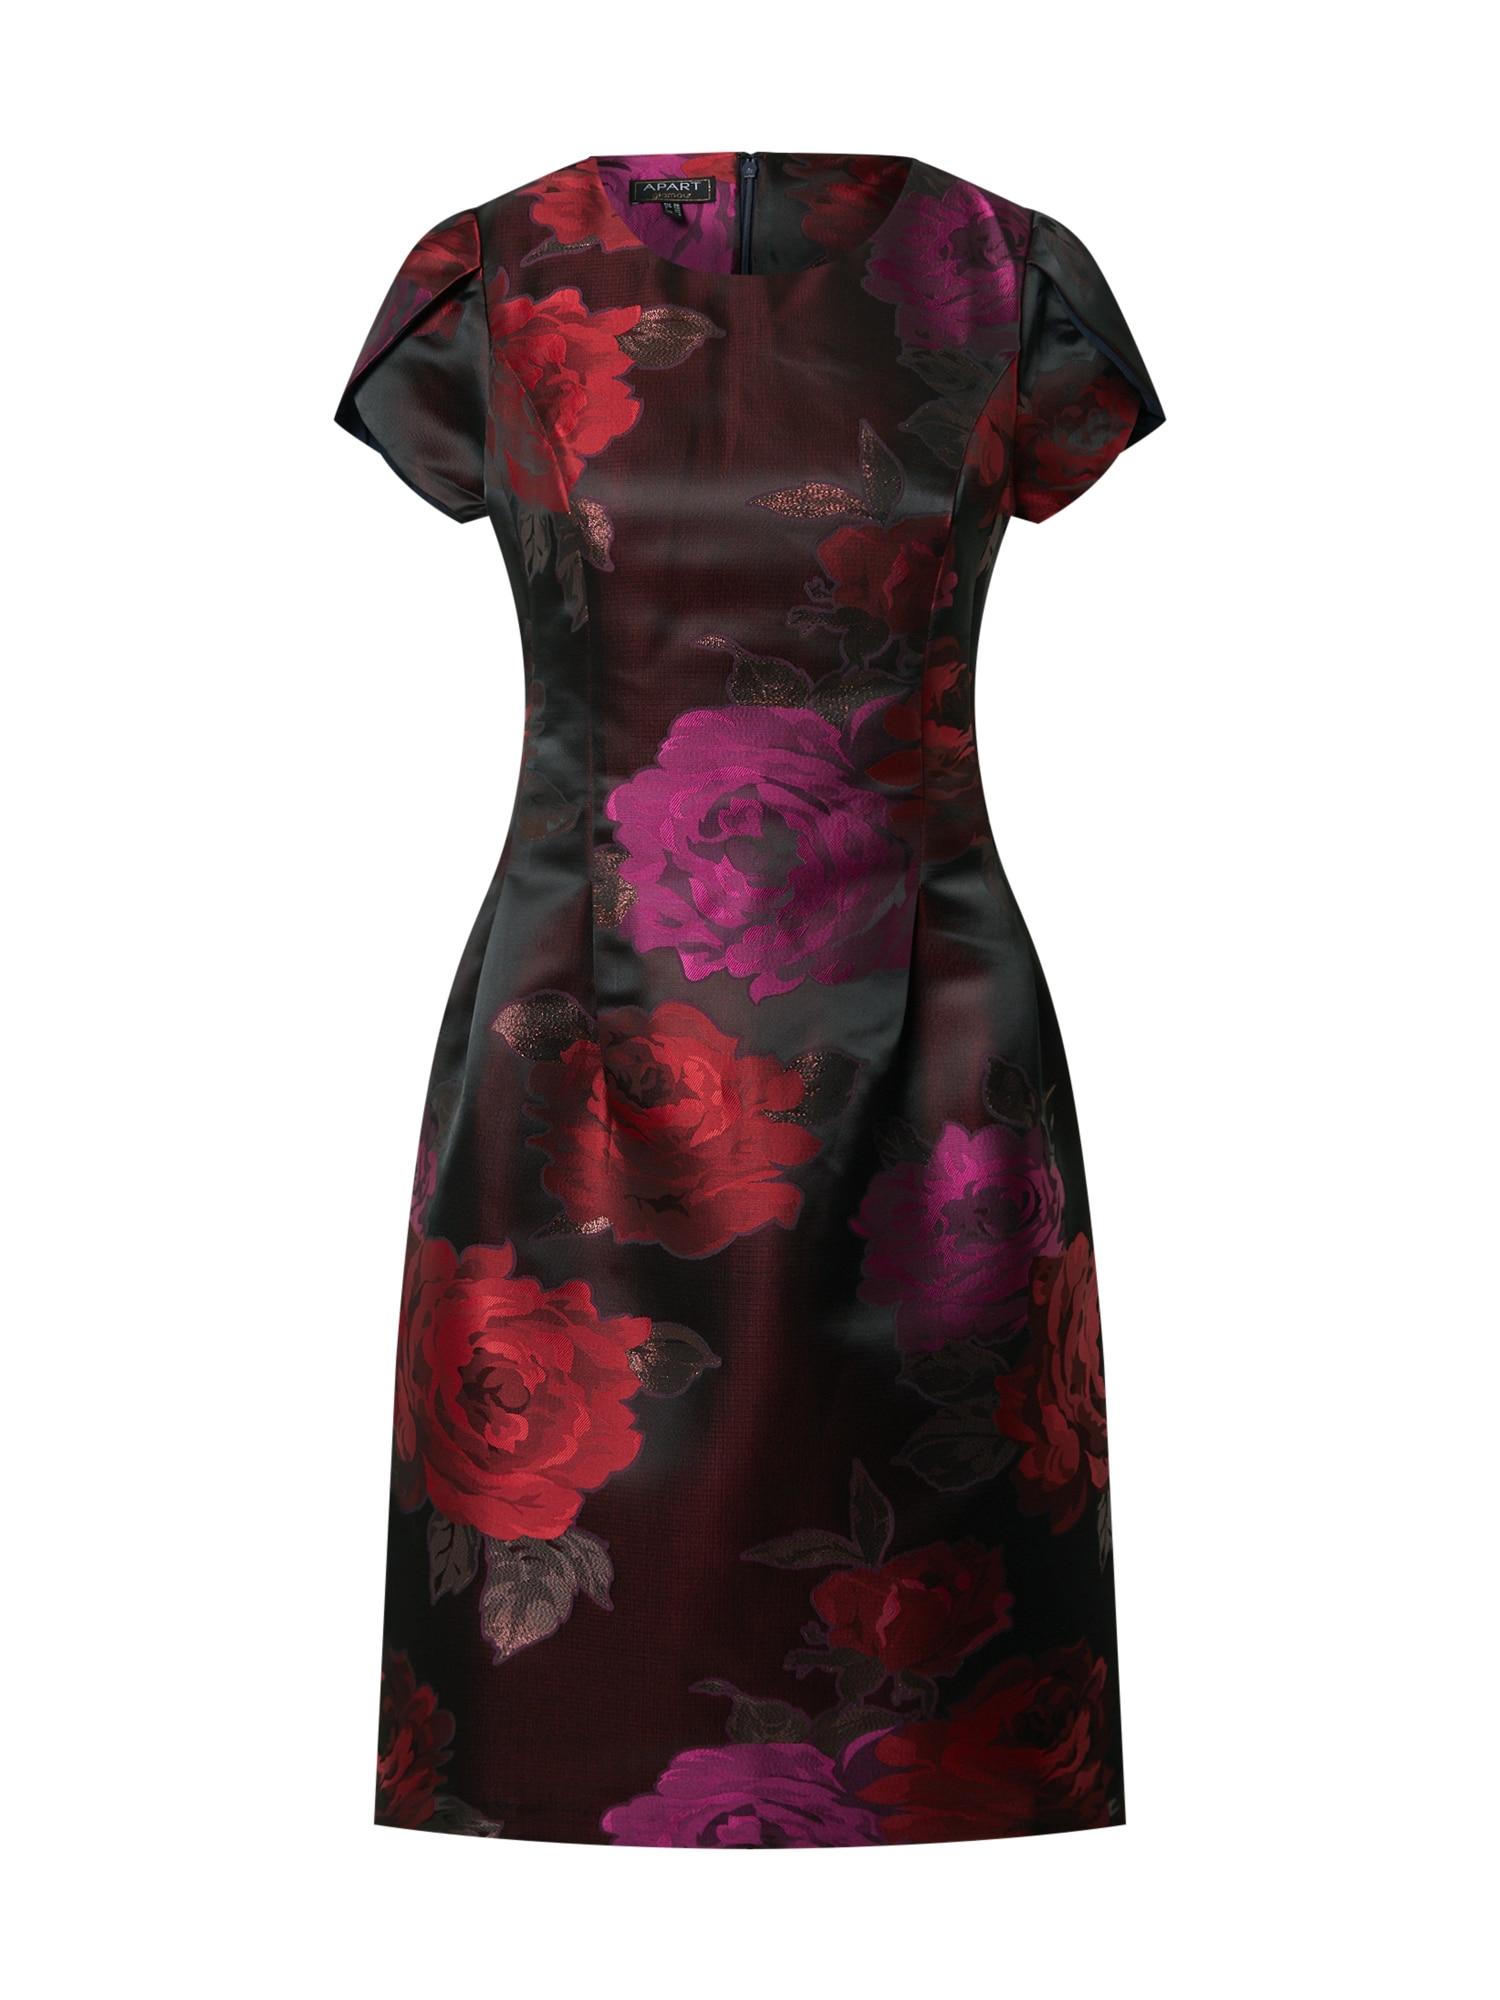 APART Suknelė mišrios spalvos / vyšninė spalva